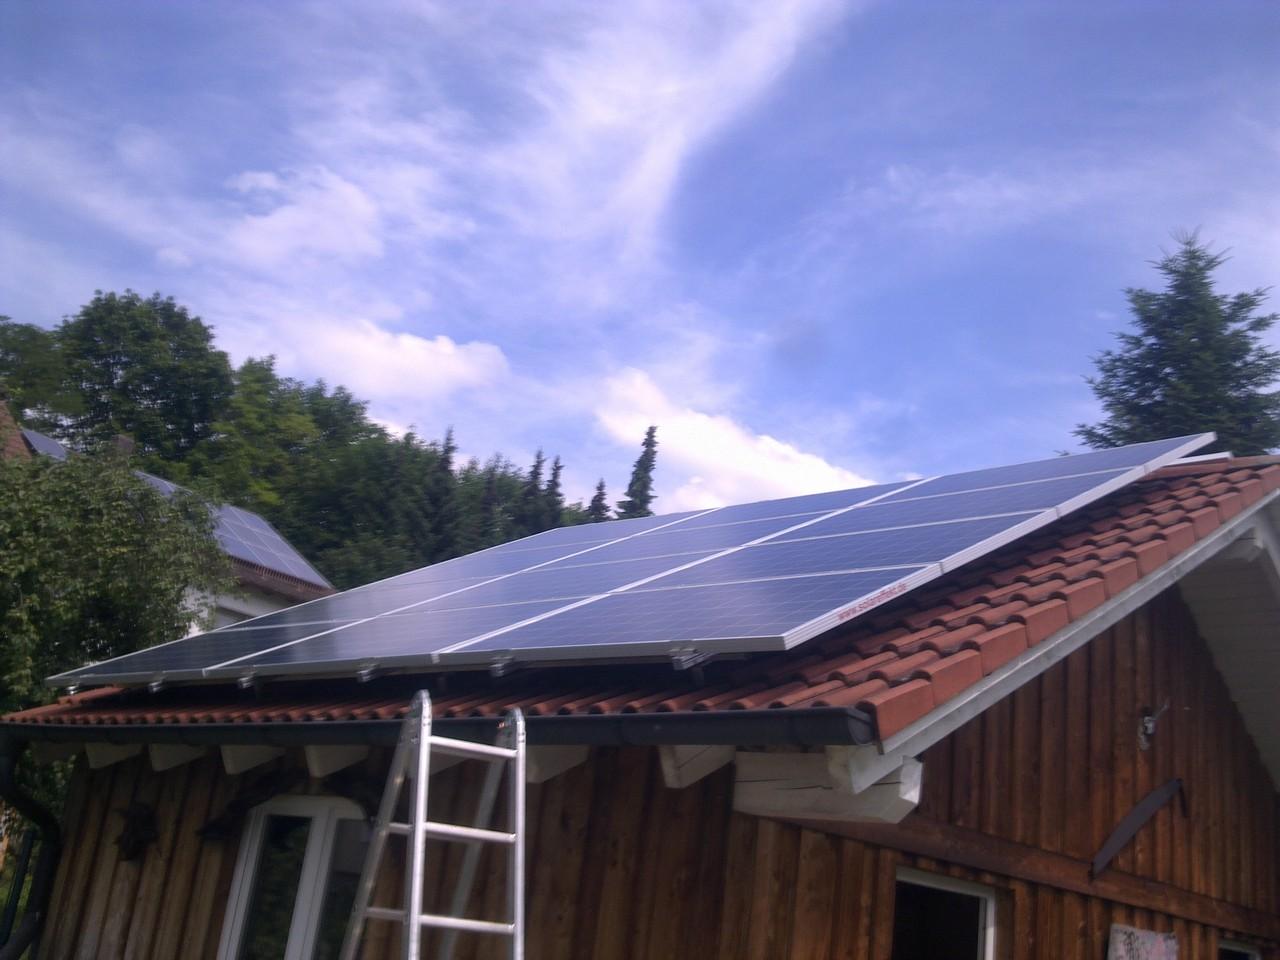 93186 Undorf 6 kWp Photovoltaikanlage